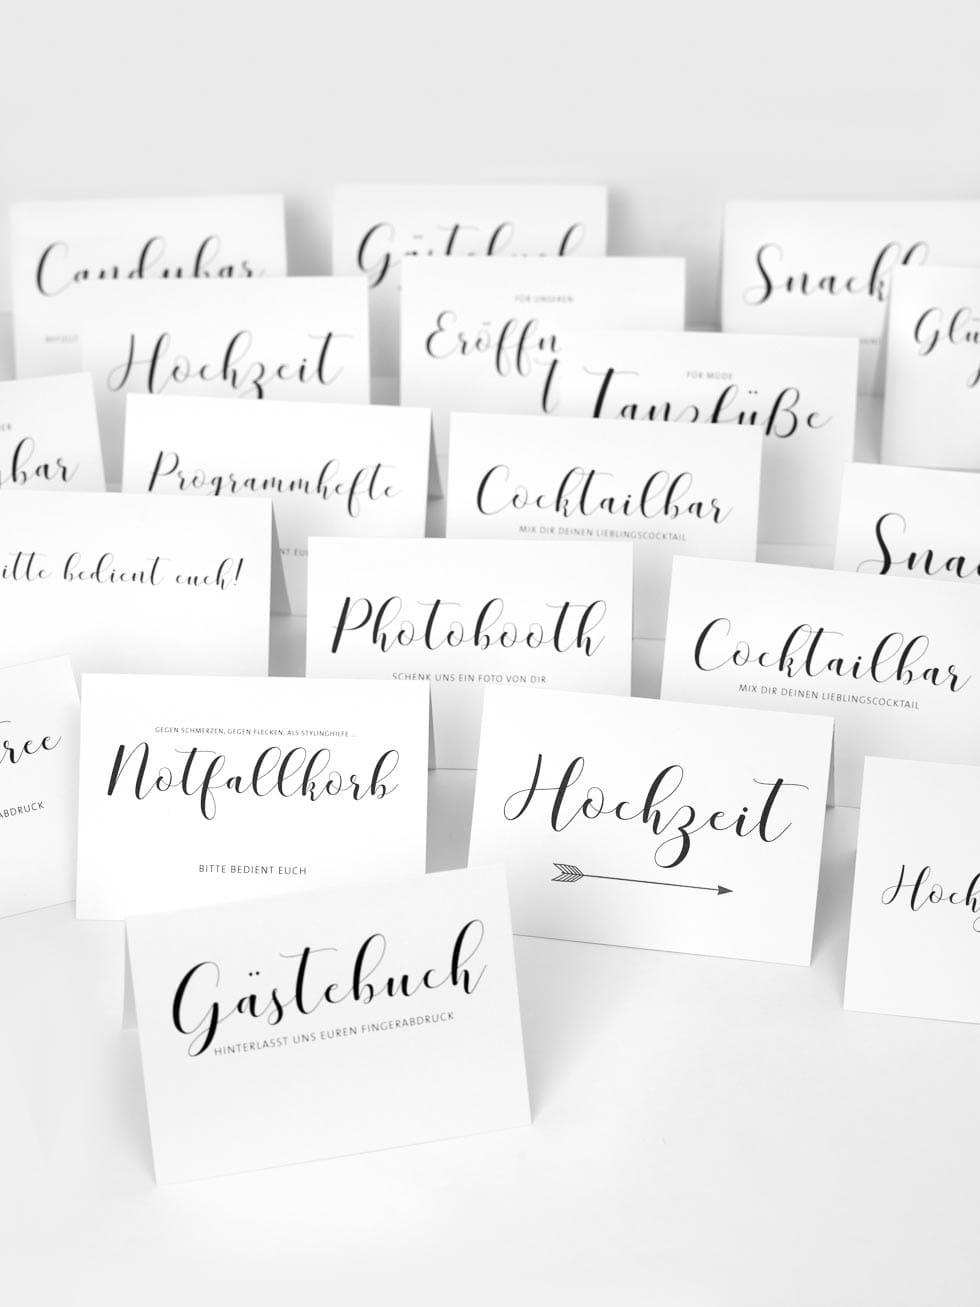 Vorlagen Schilder Hochzeit 19 Schilder mit Calligraphie